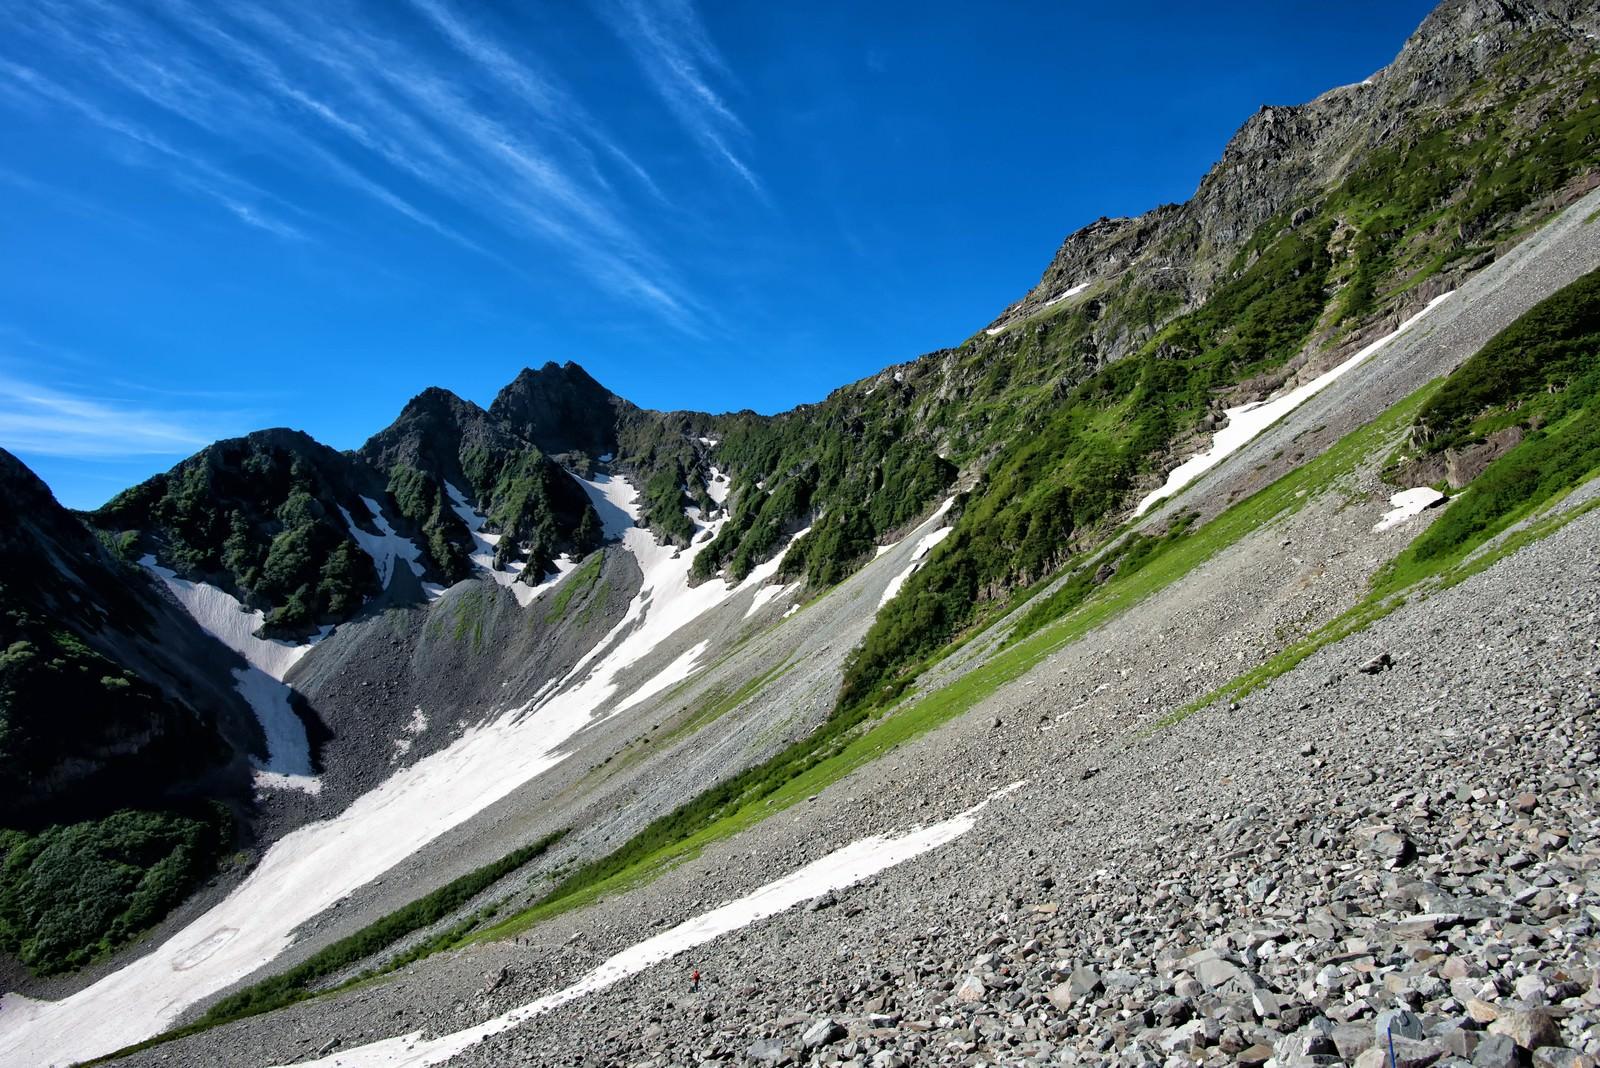 「涸沢の斜面に続く青い空」の写真